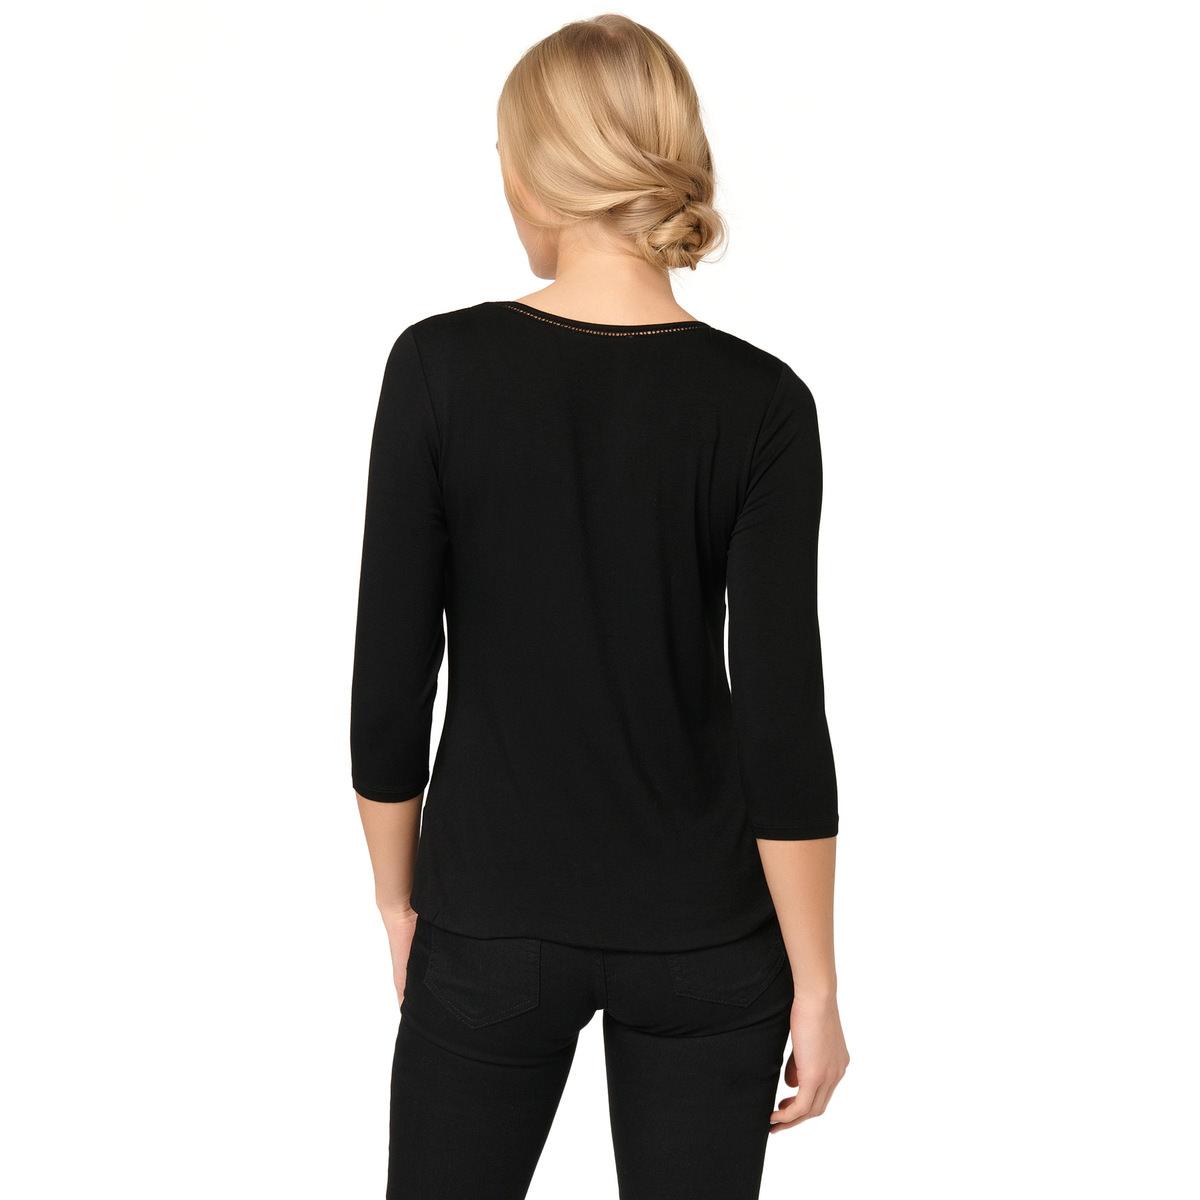 Viskose-Shirt mit Lochstickerei in black